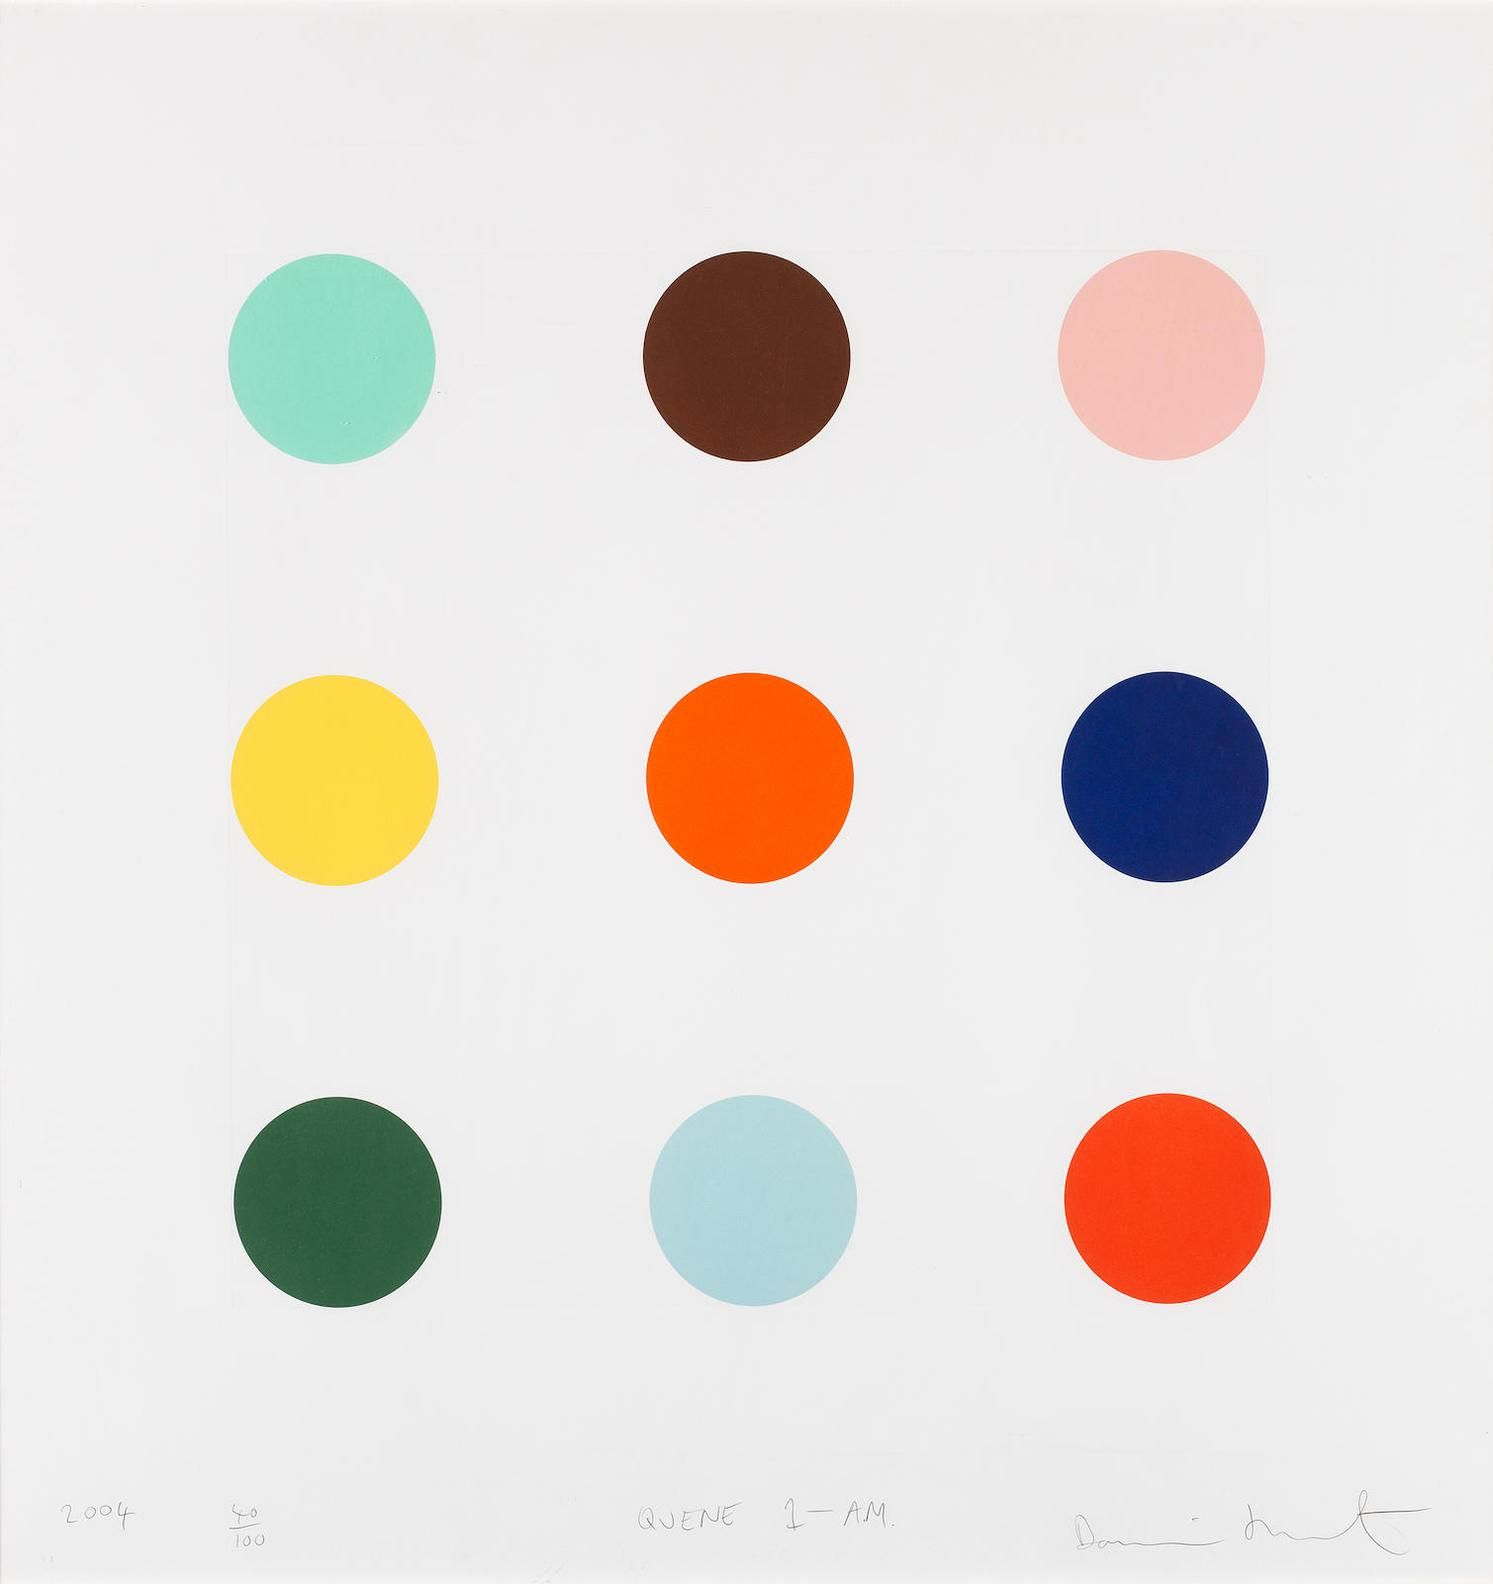 Damien Hirst-Quene 1-Am-2004